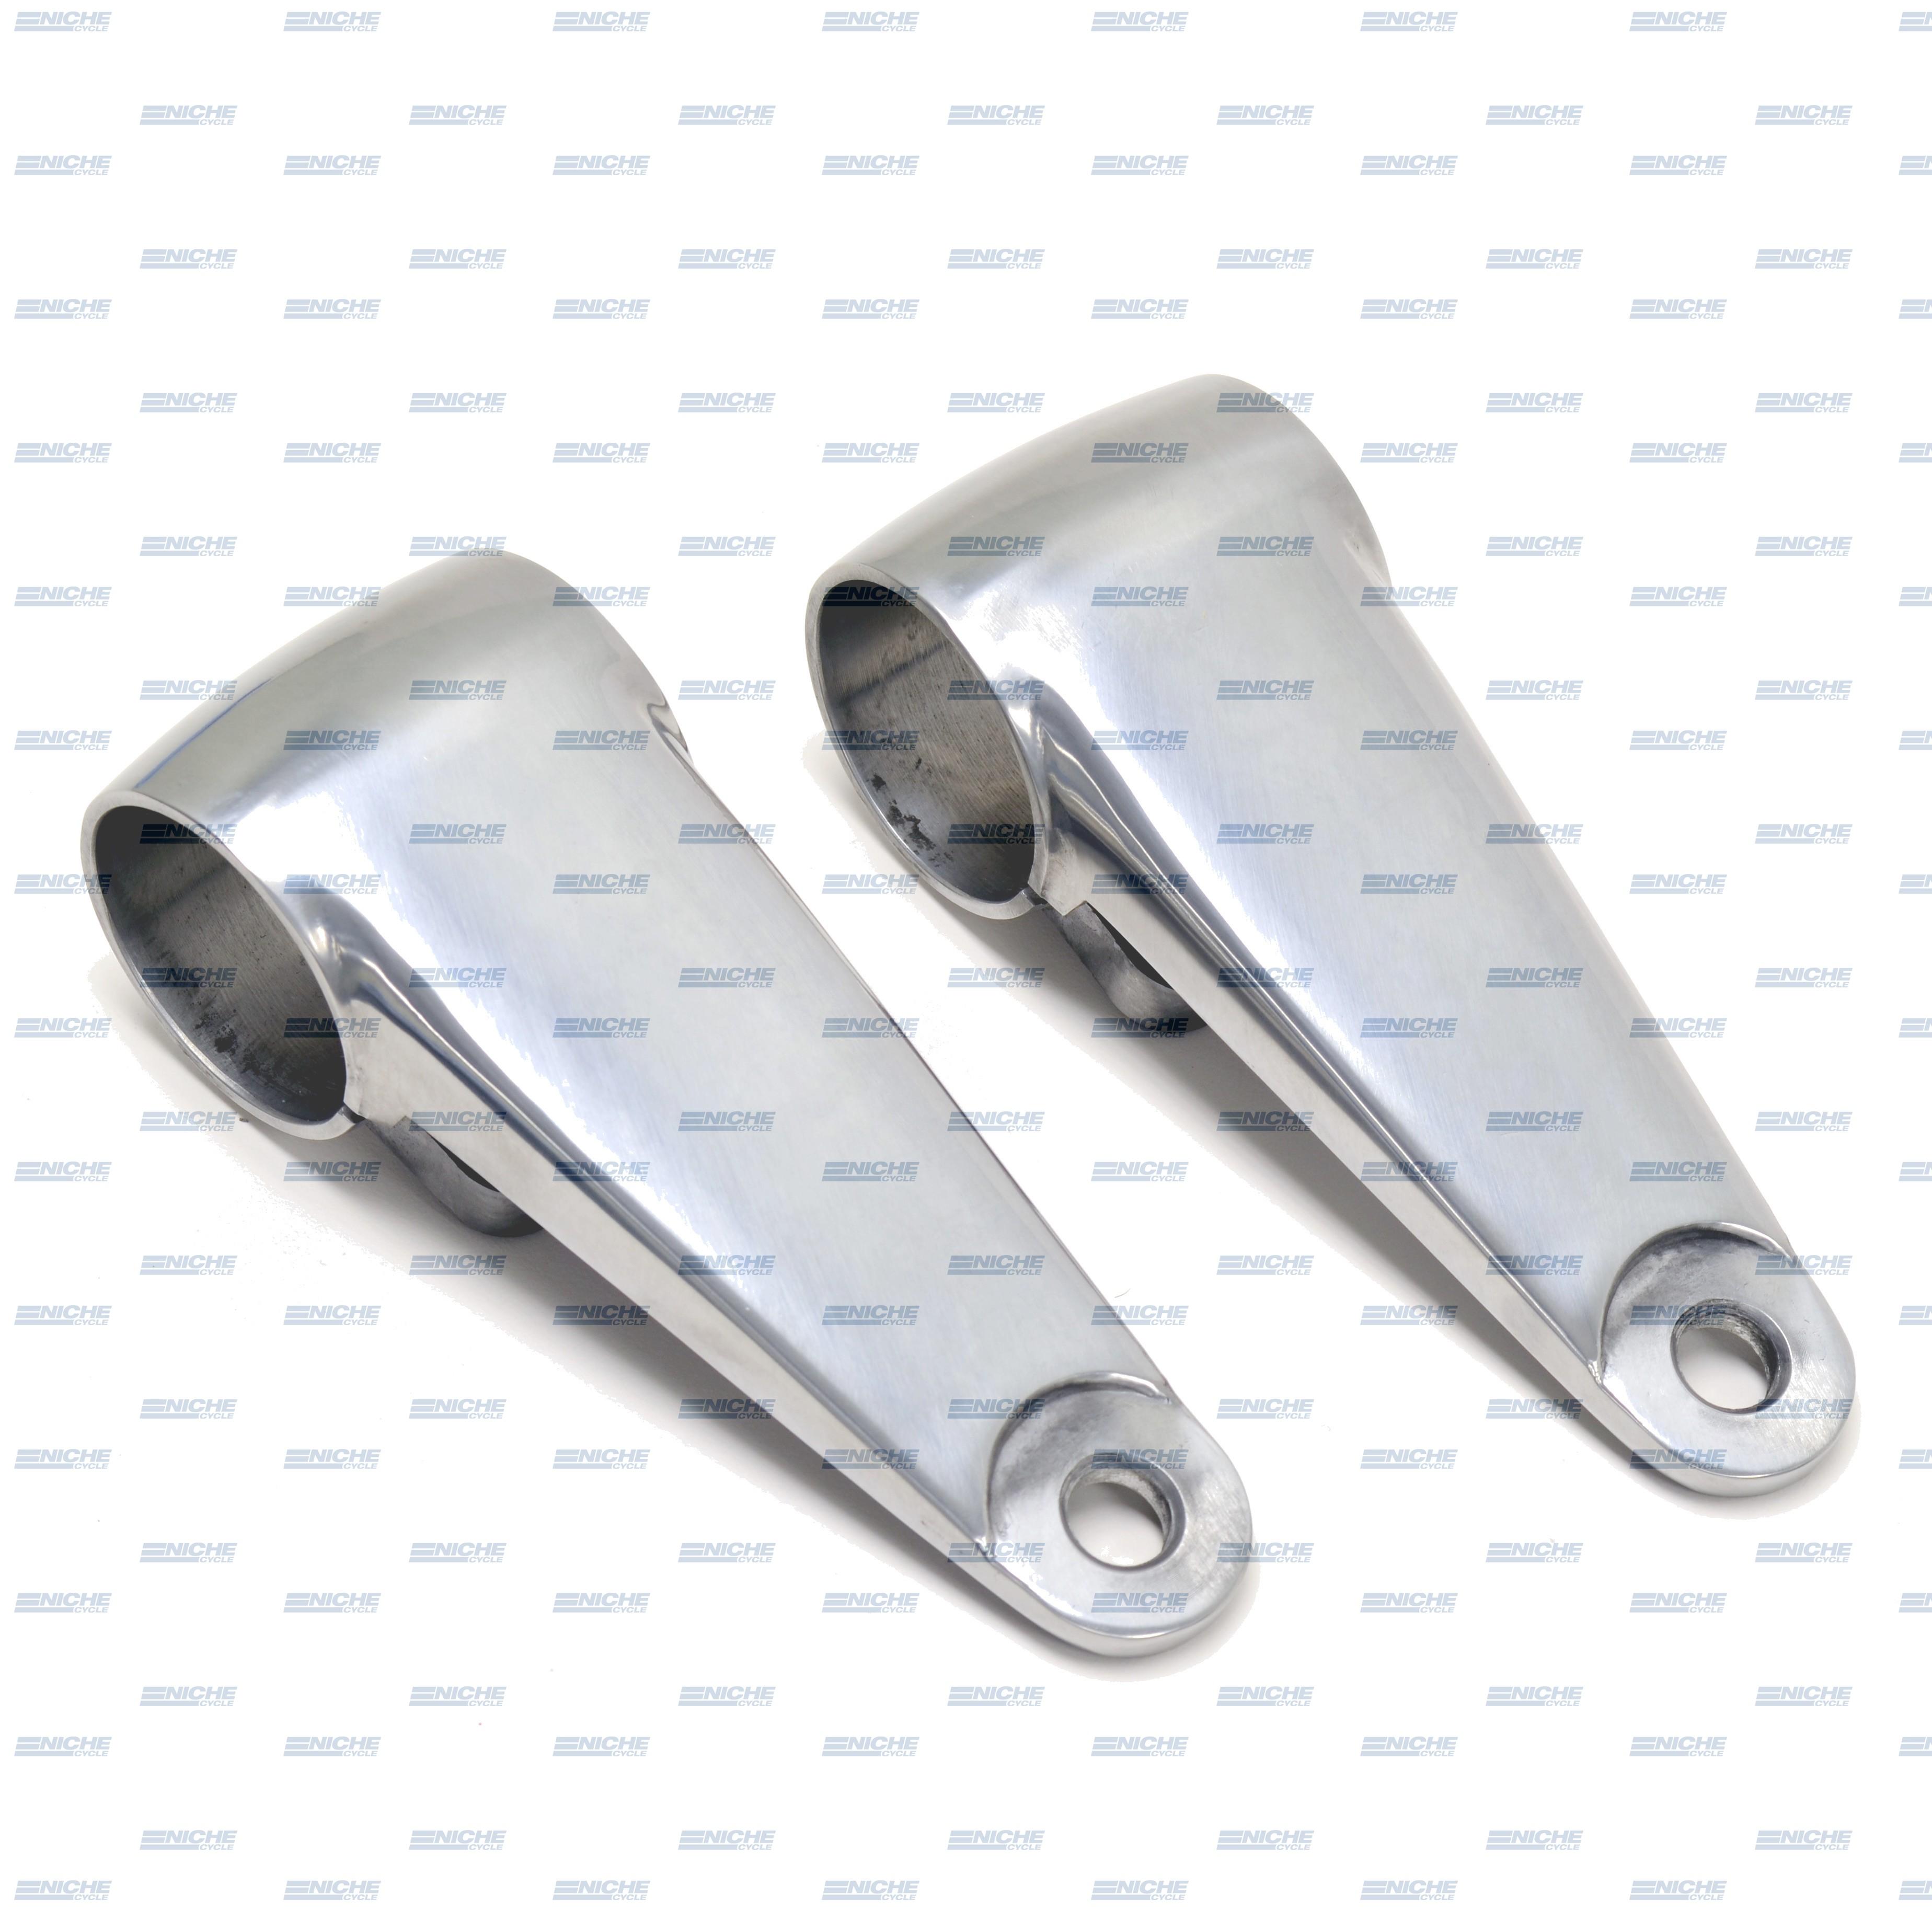 Headlight Brackets - Polished W/Shims 66-35830